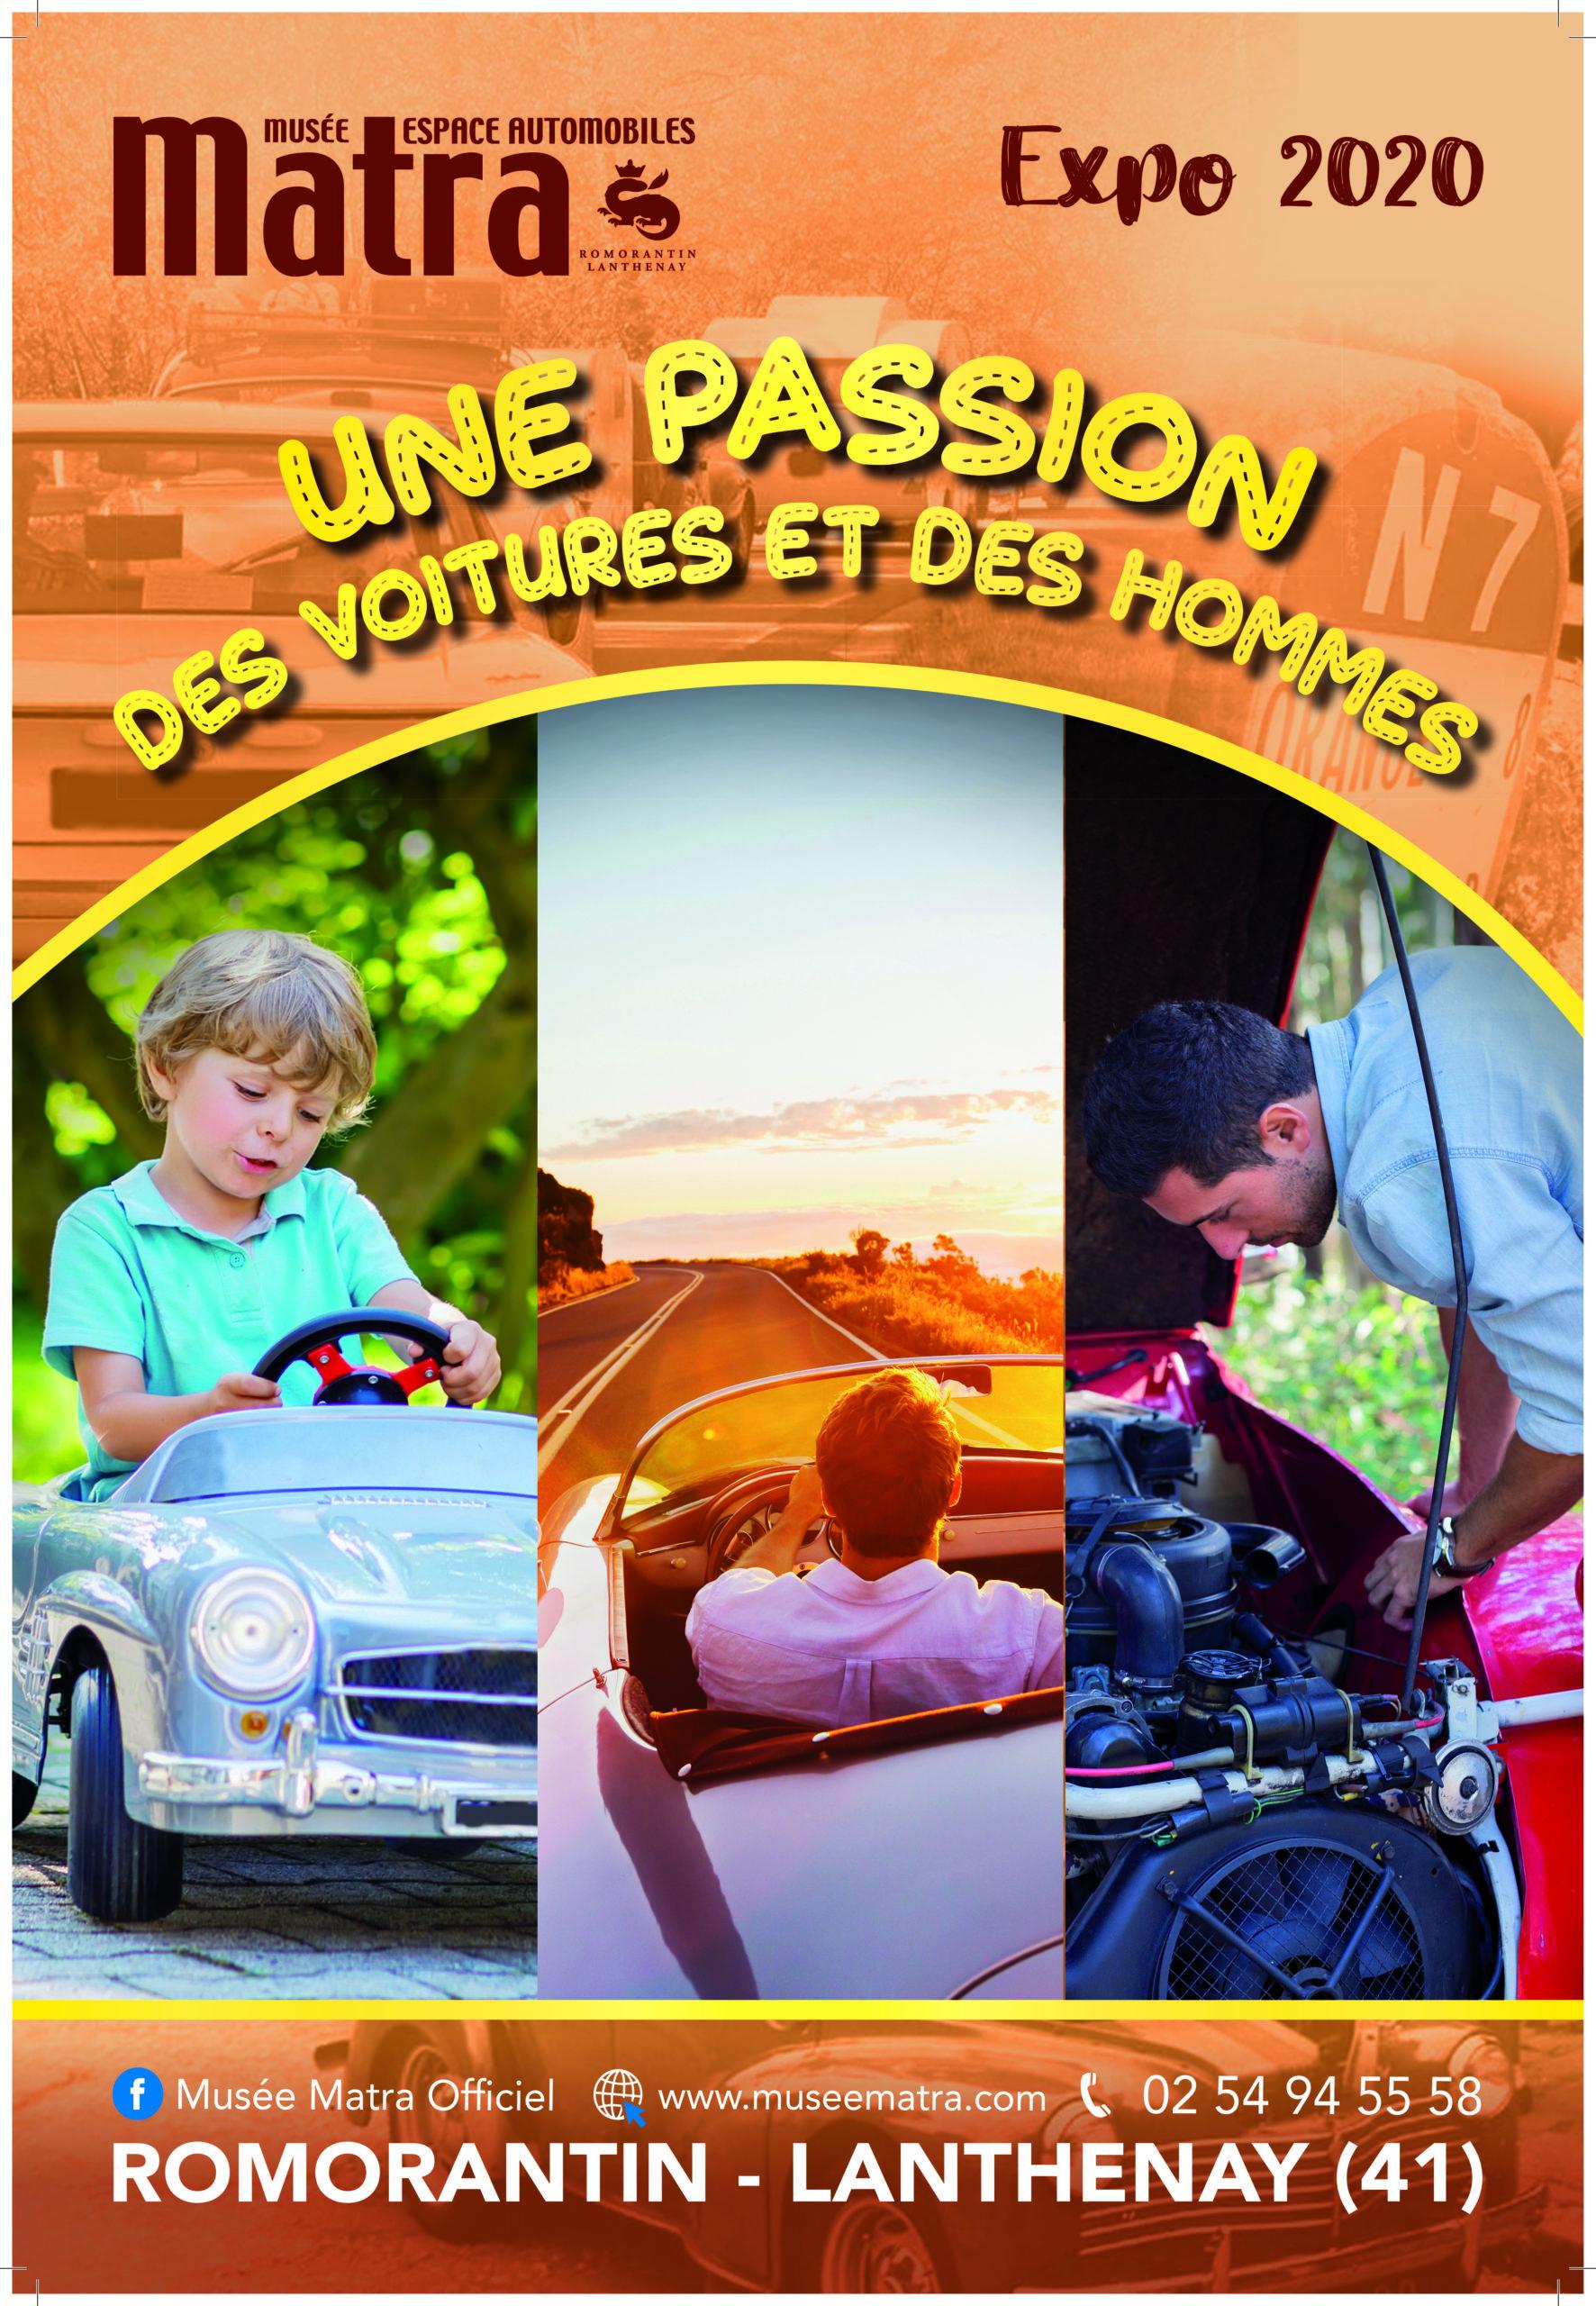 Une Passion, des voitures et des hommes # Romorantin - Lanthenay @ Musée Matra